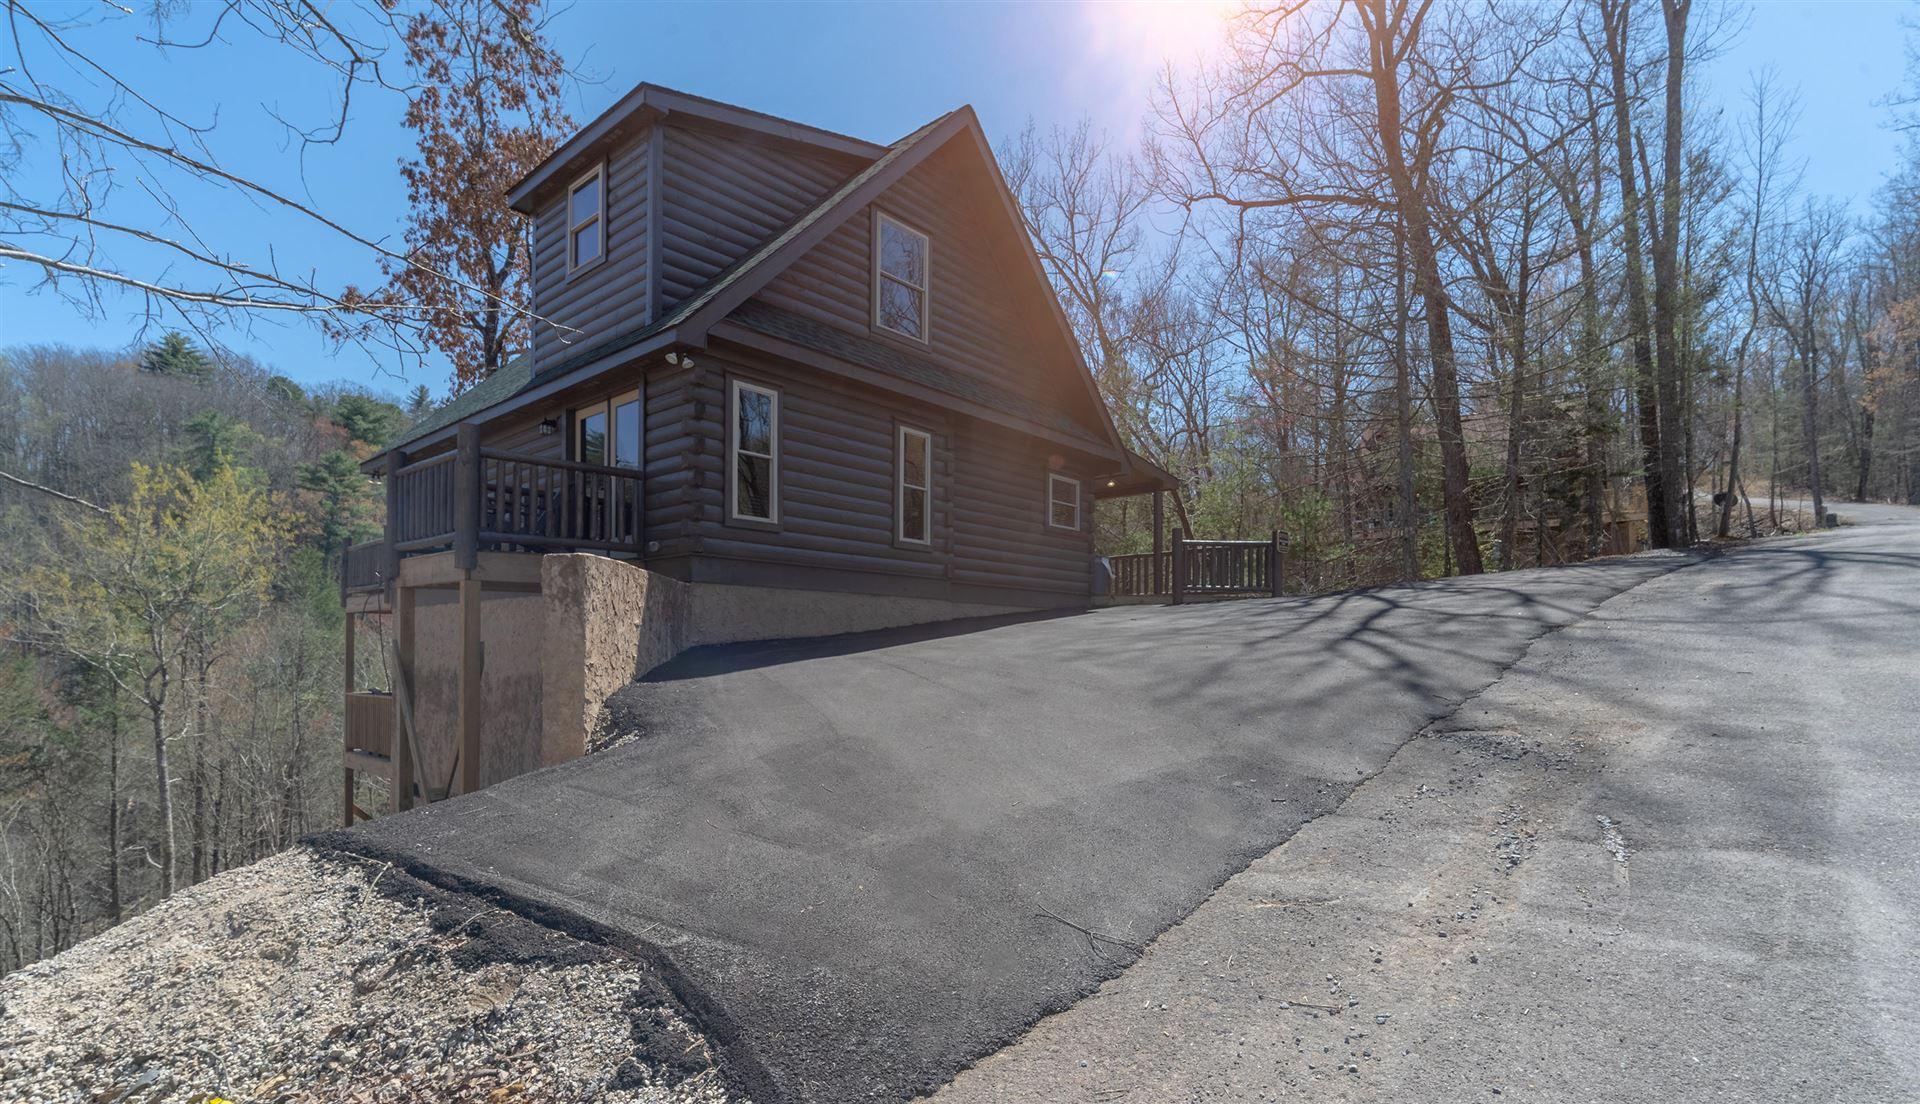 Photo of 2914 Joyner Hills Lane, Sevierville, TN 37876 (MLS # 1148270)